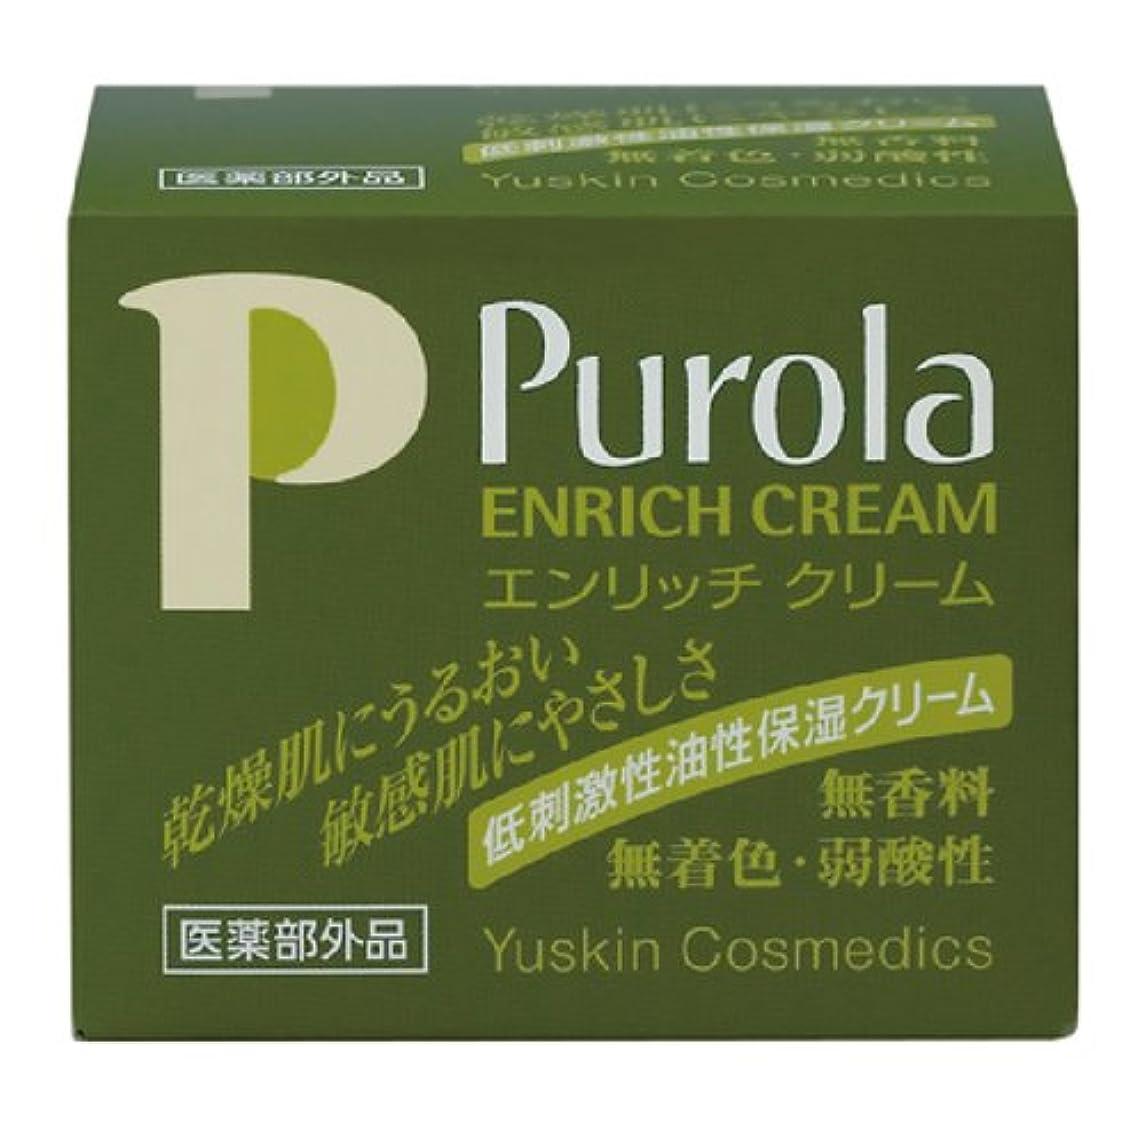 入札速記正確さプローラ 薬用エンリッチクリームa 67g